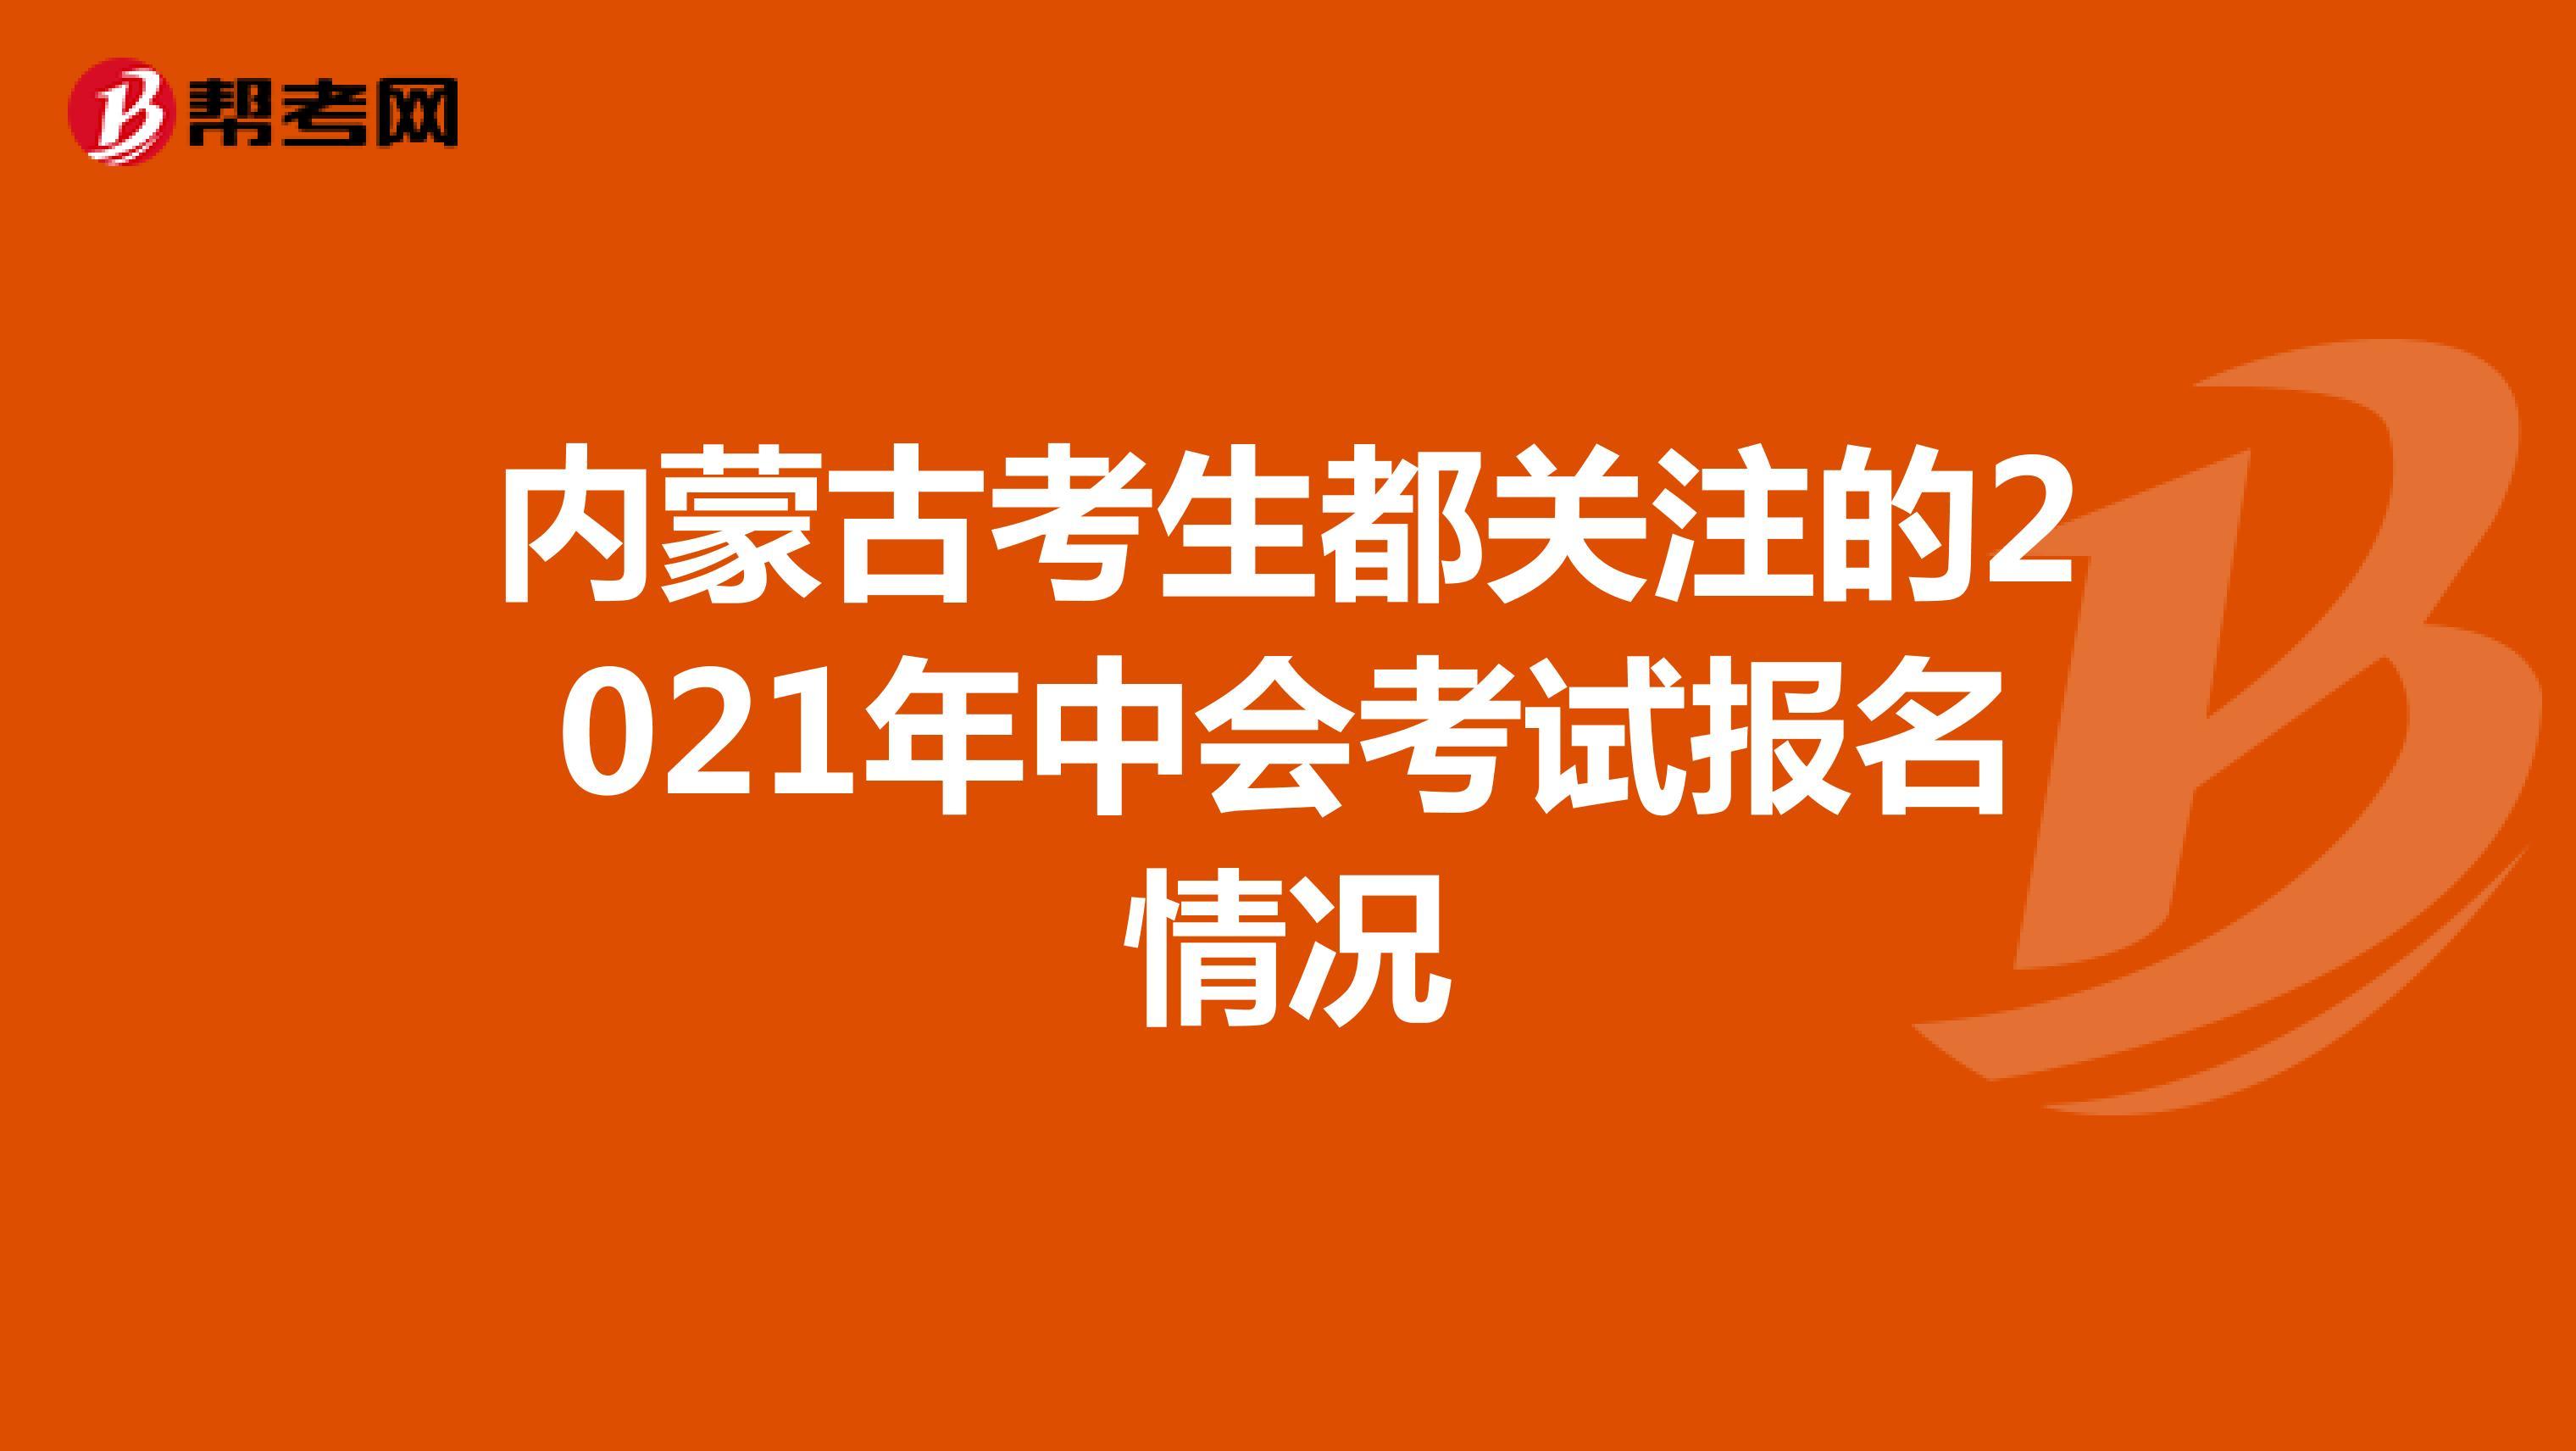 内蒙古考生都关注的2021年中会考试报名情况